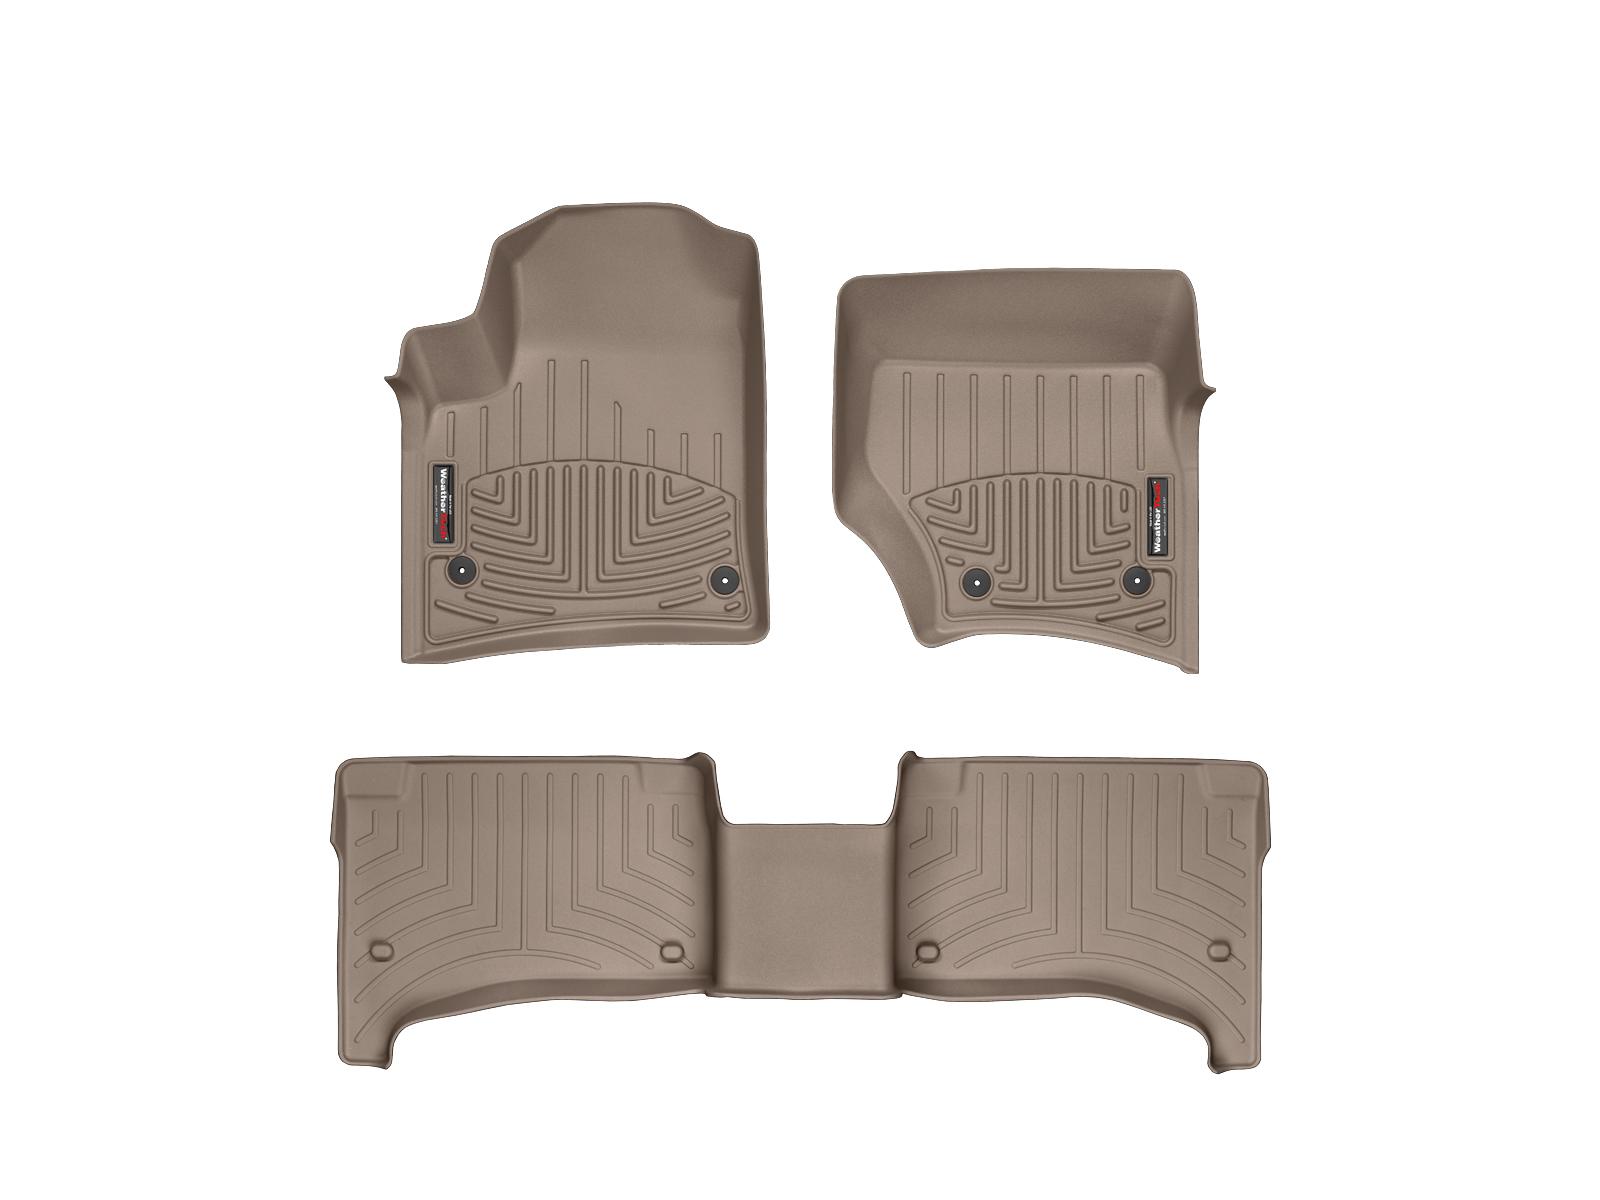 Tappeti gomma su misura bordo alto Volkswagen Touareg 07>08 Marrone A4293*